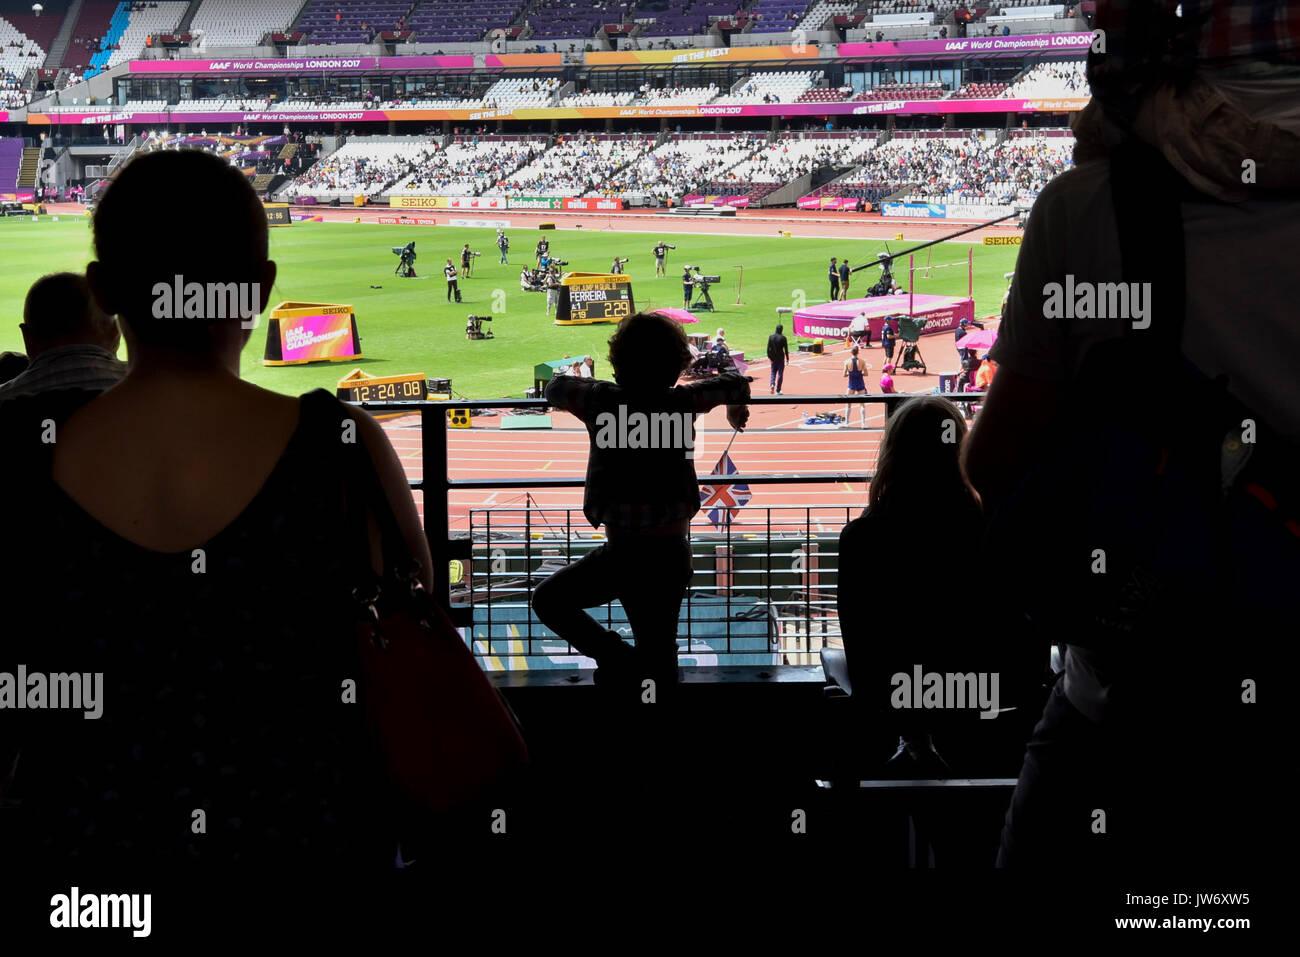 Londres, Royaume-Uni. 11 août 2017. Un jeune fan est vu en silhouette regardant la qualification de saut en Photo Stock